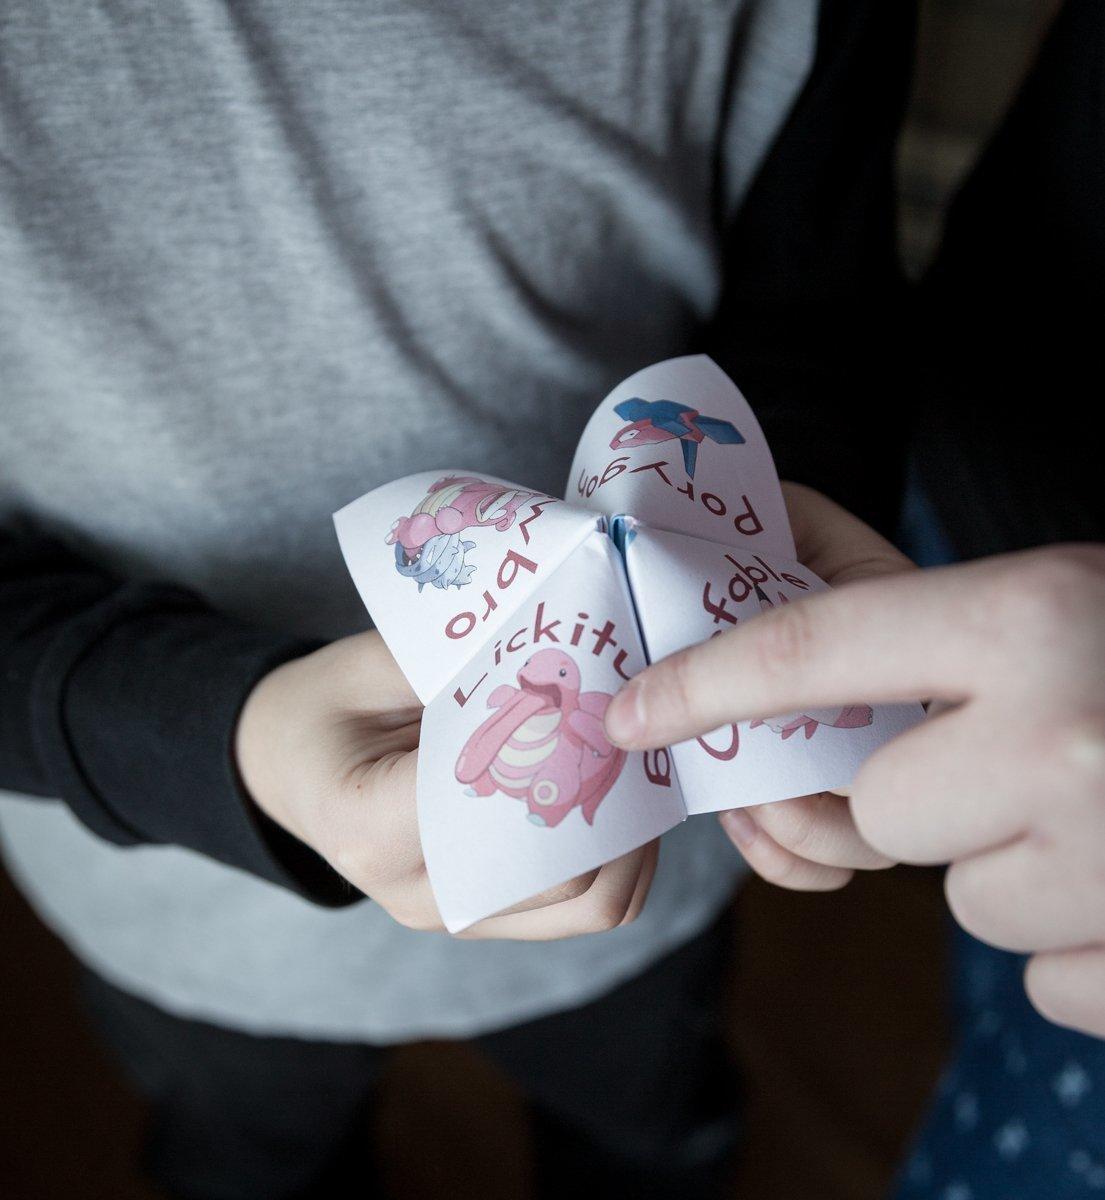 Cootie Catcher   Valentine's day free printable   fun for kids   St-Valentin   Coin-coin à imprimer gratuit   Pokémon   Porygon   Slowbro   Lickitung   Clefable   Pink Pokemon rose   Les enfants s'amusent